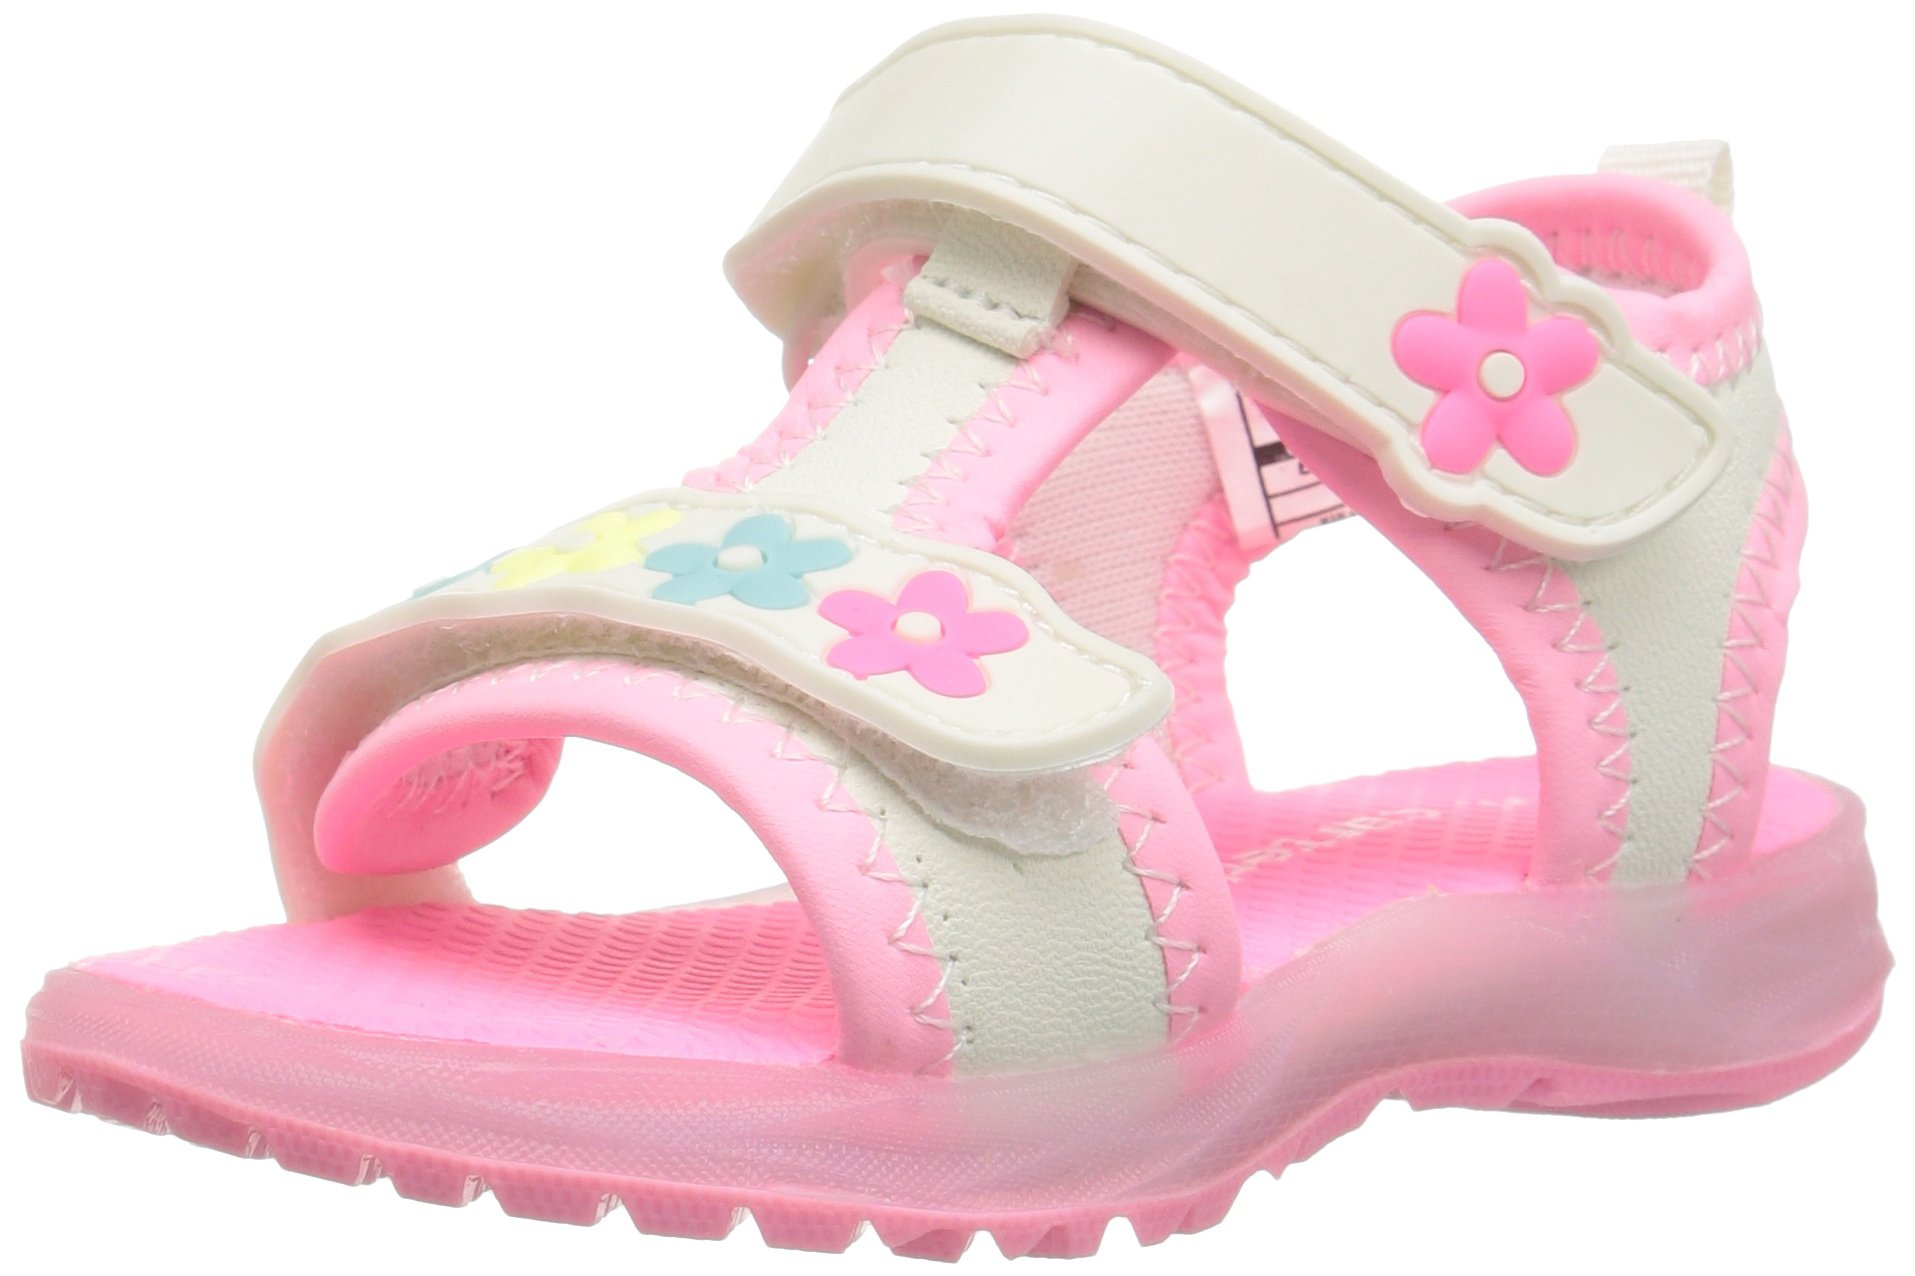 carter's Chelsea Girl's Light-Up Sandal, White, 10 M US Toddler